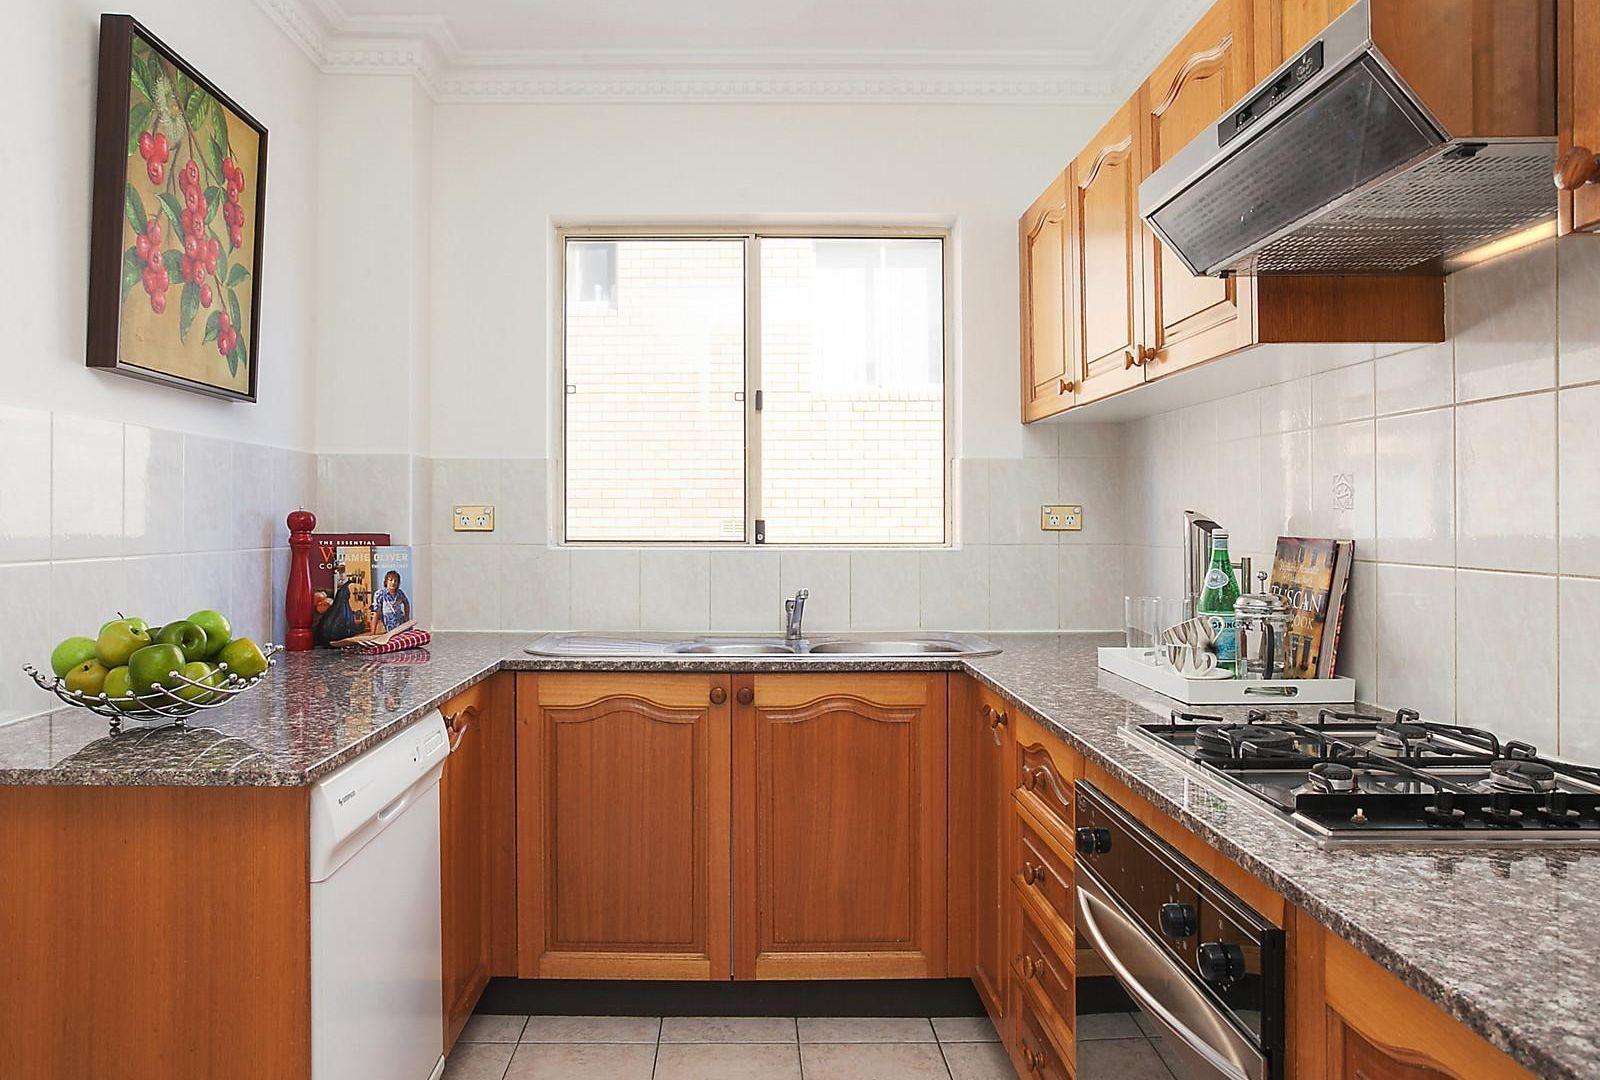 17/1-7 Argyle Street, Carlton NSW 2218, Image 2